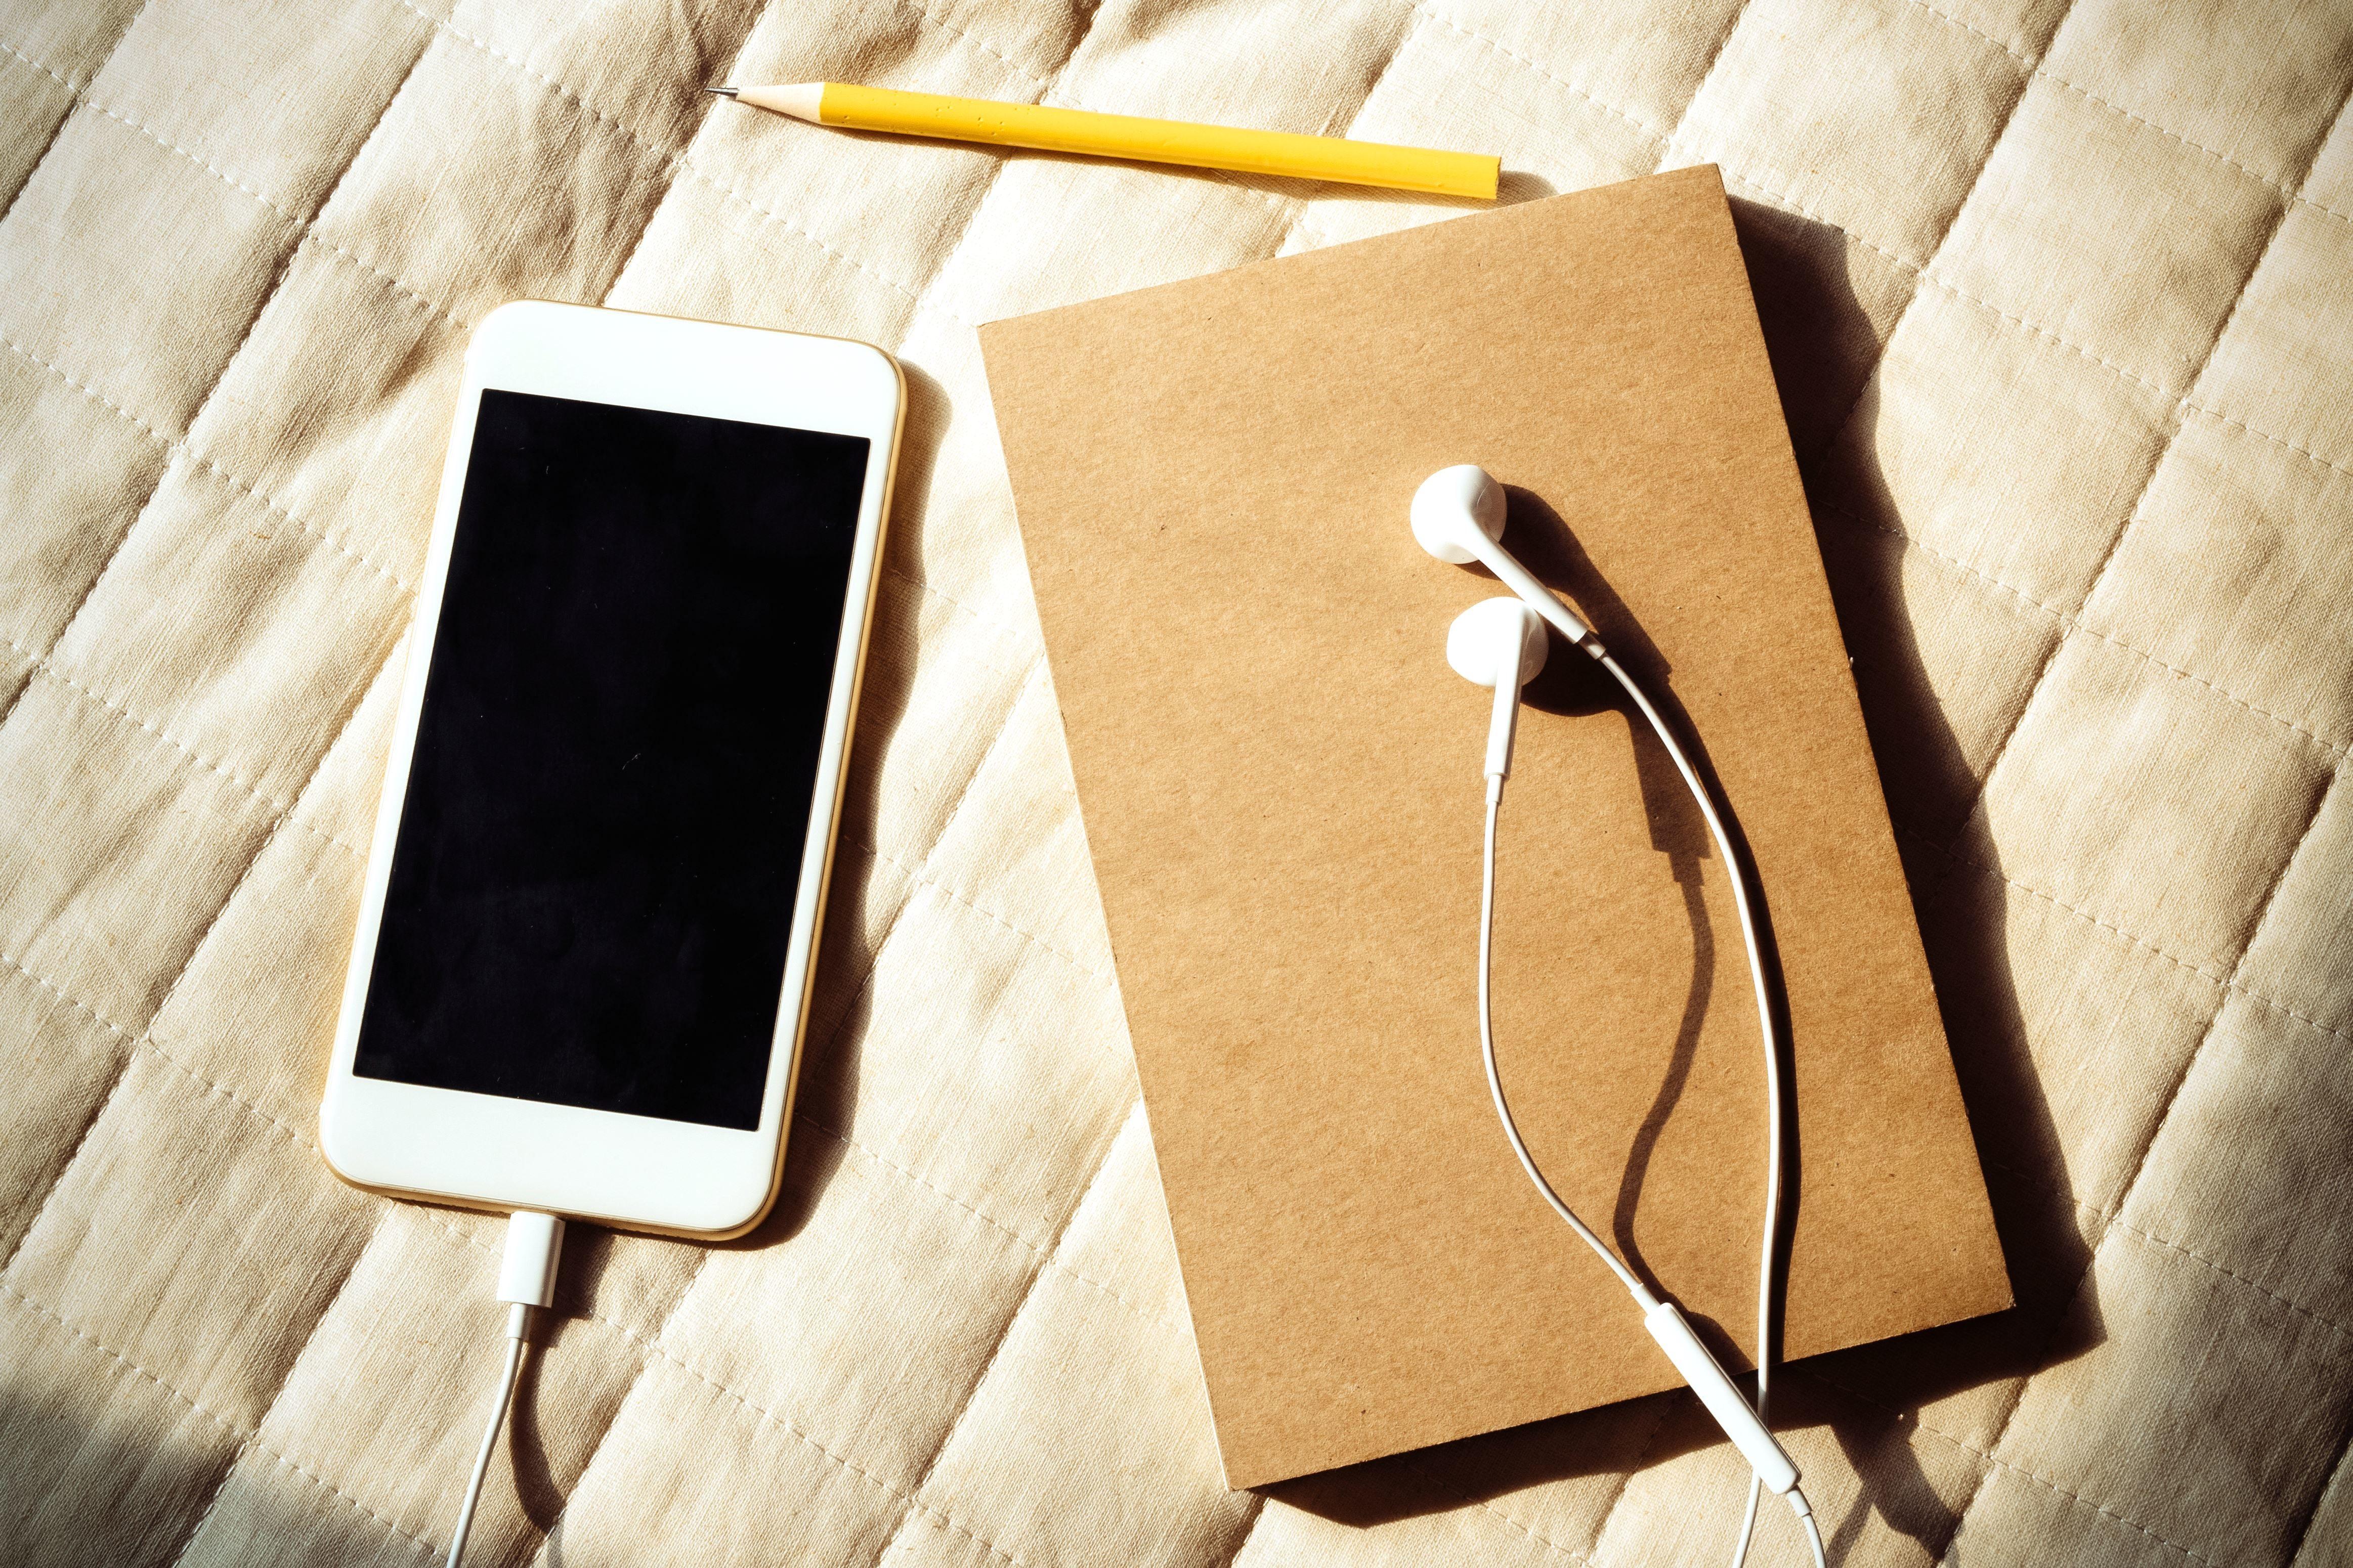 フリー写真画像: 木、鉛筆、イヤホン、ビジネス、iPhone、モバイル